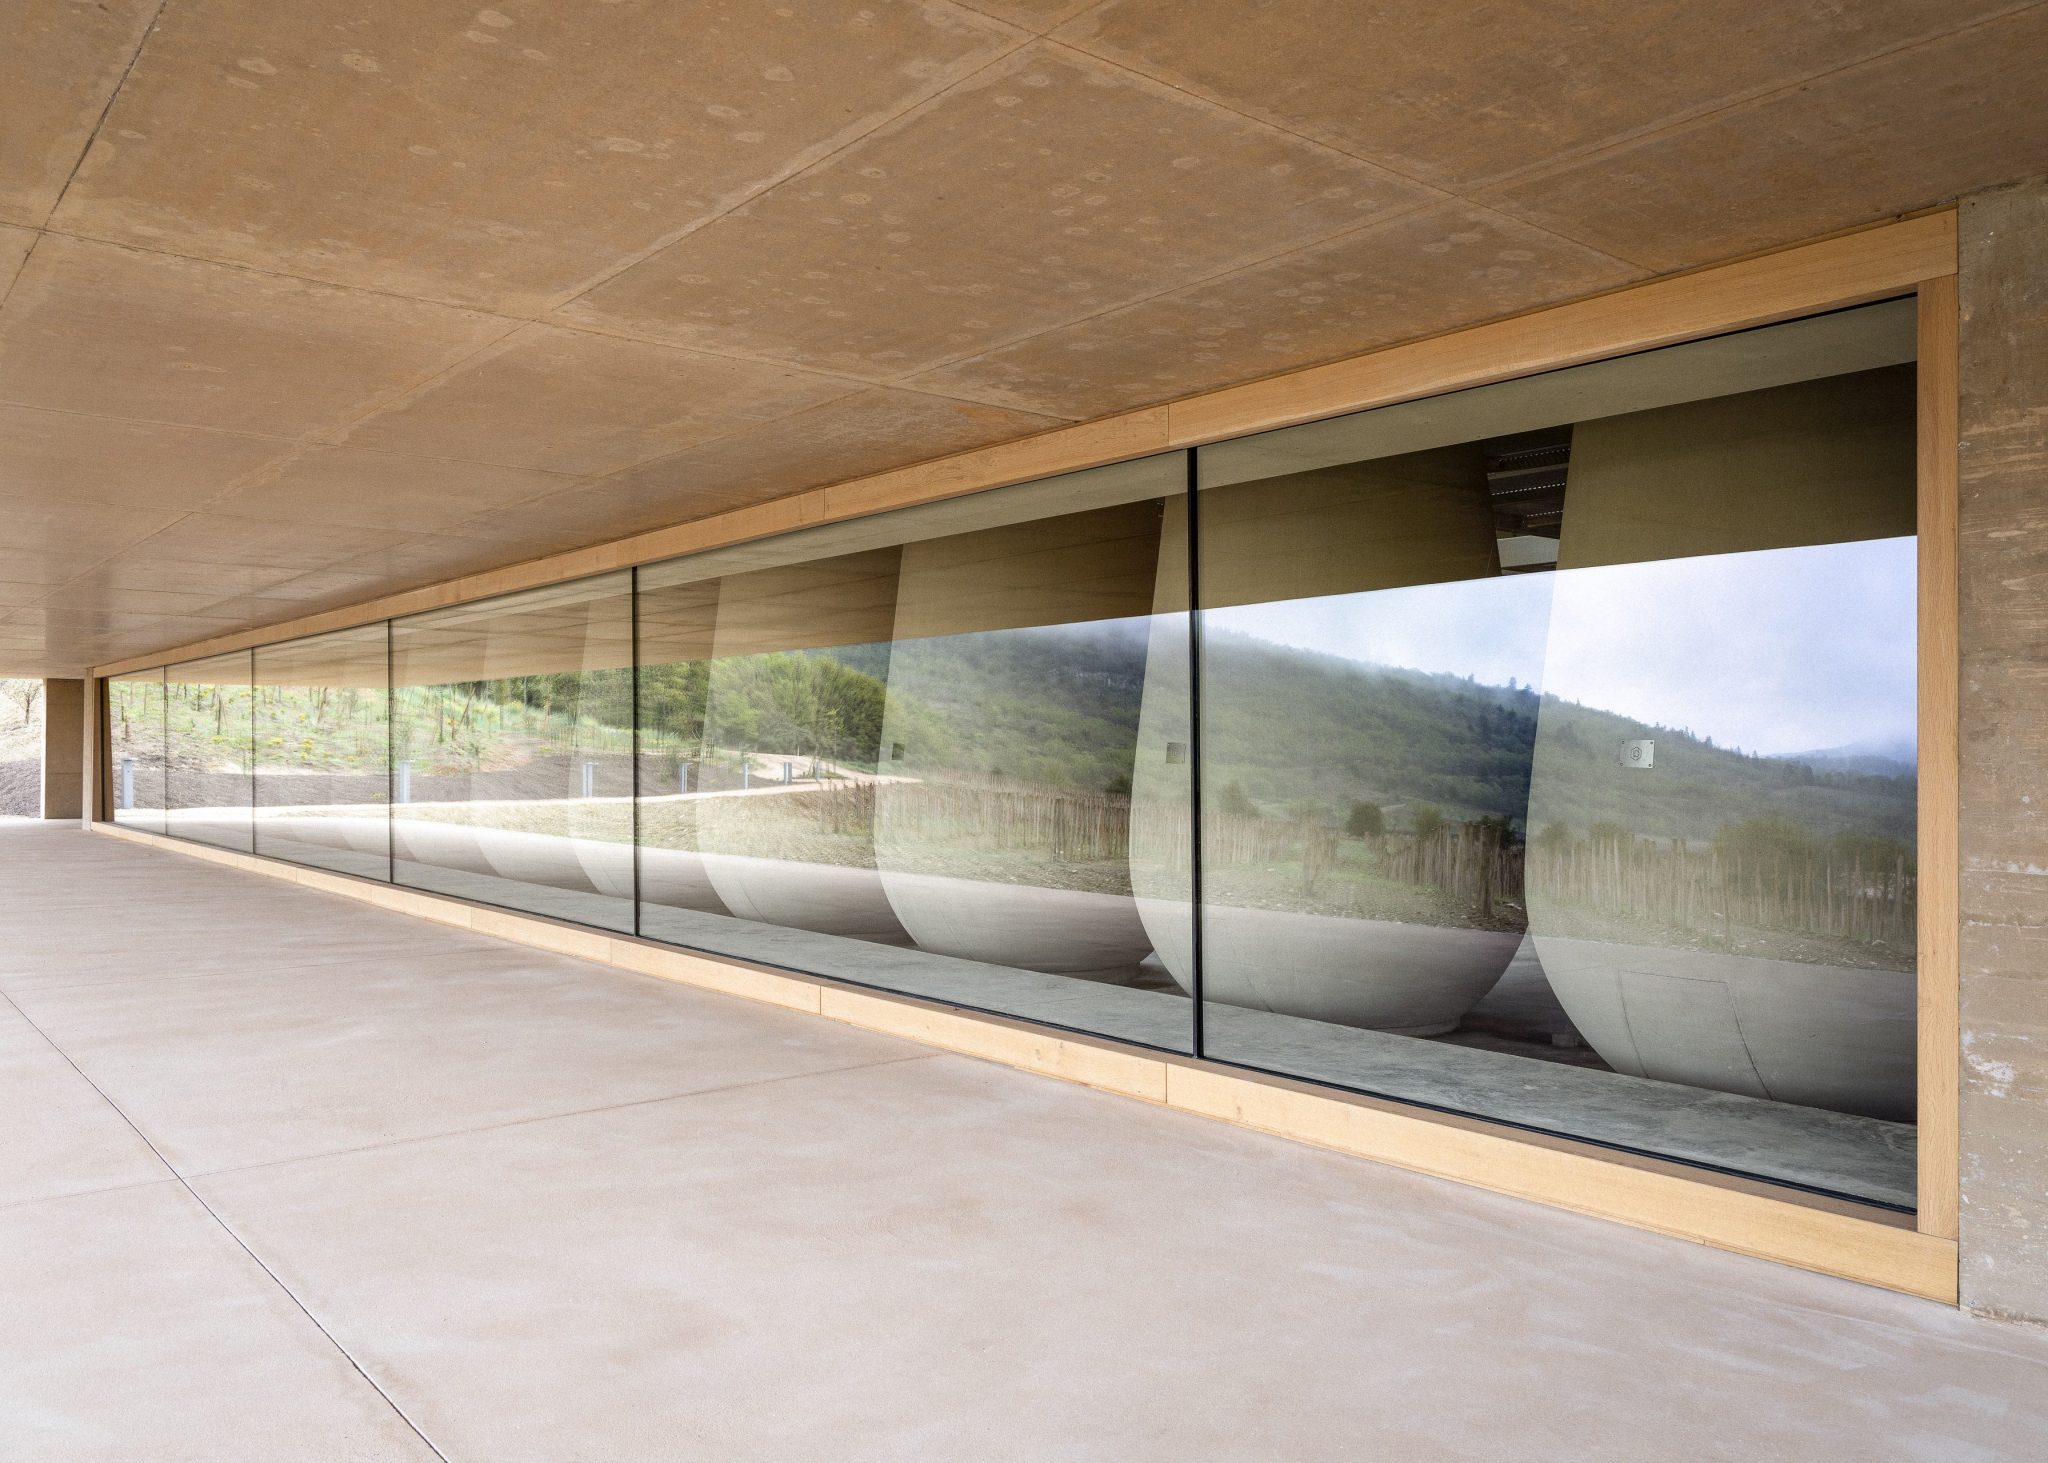 Kijk binnen in dit unieke wijnhuis van een Belgische vrouw in Zuid-Frankrijk - 3